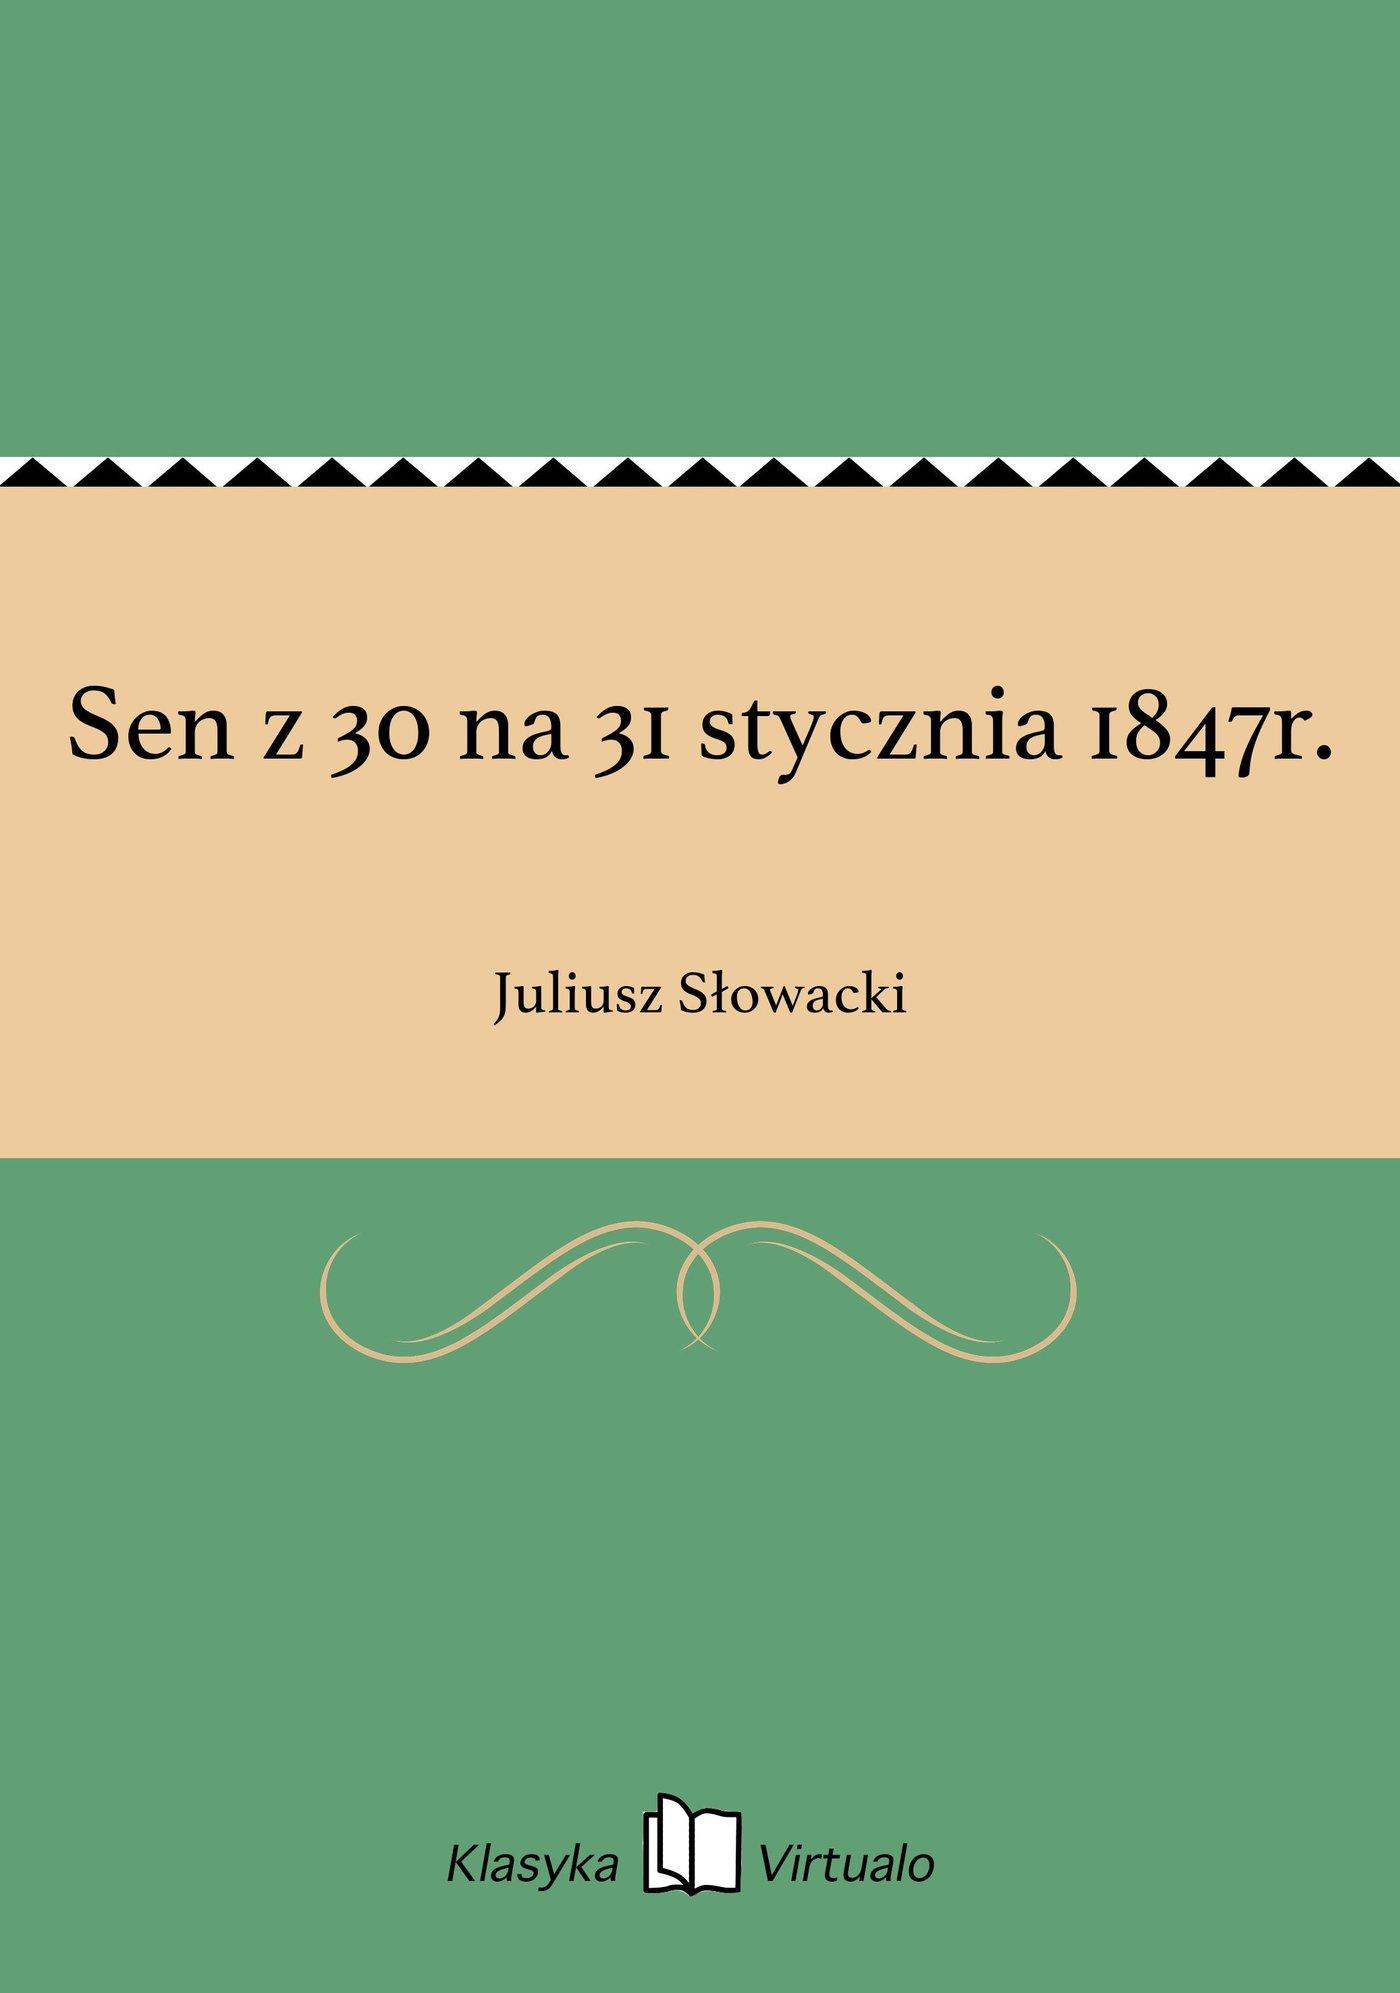 Sen z 30 na 31 stycznia 1847r. - Ebook (Książka EPUB) do pobrania w formacie EPUB